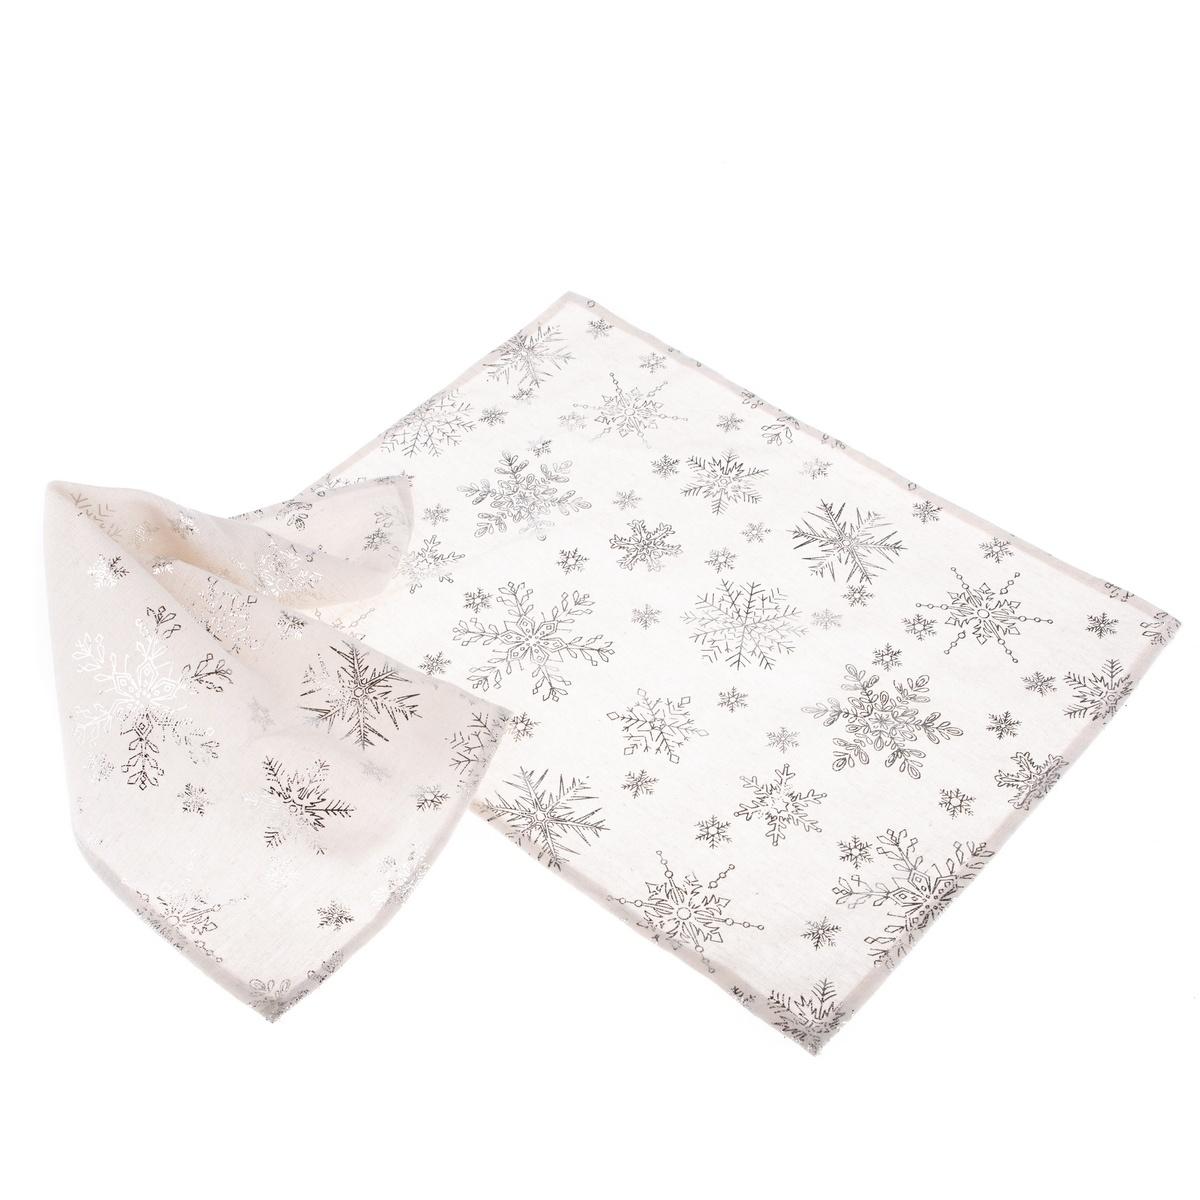 Dakls Vánoční prostírání Vločka stříbrná, 32 x 45 cm, sada 2 ks